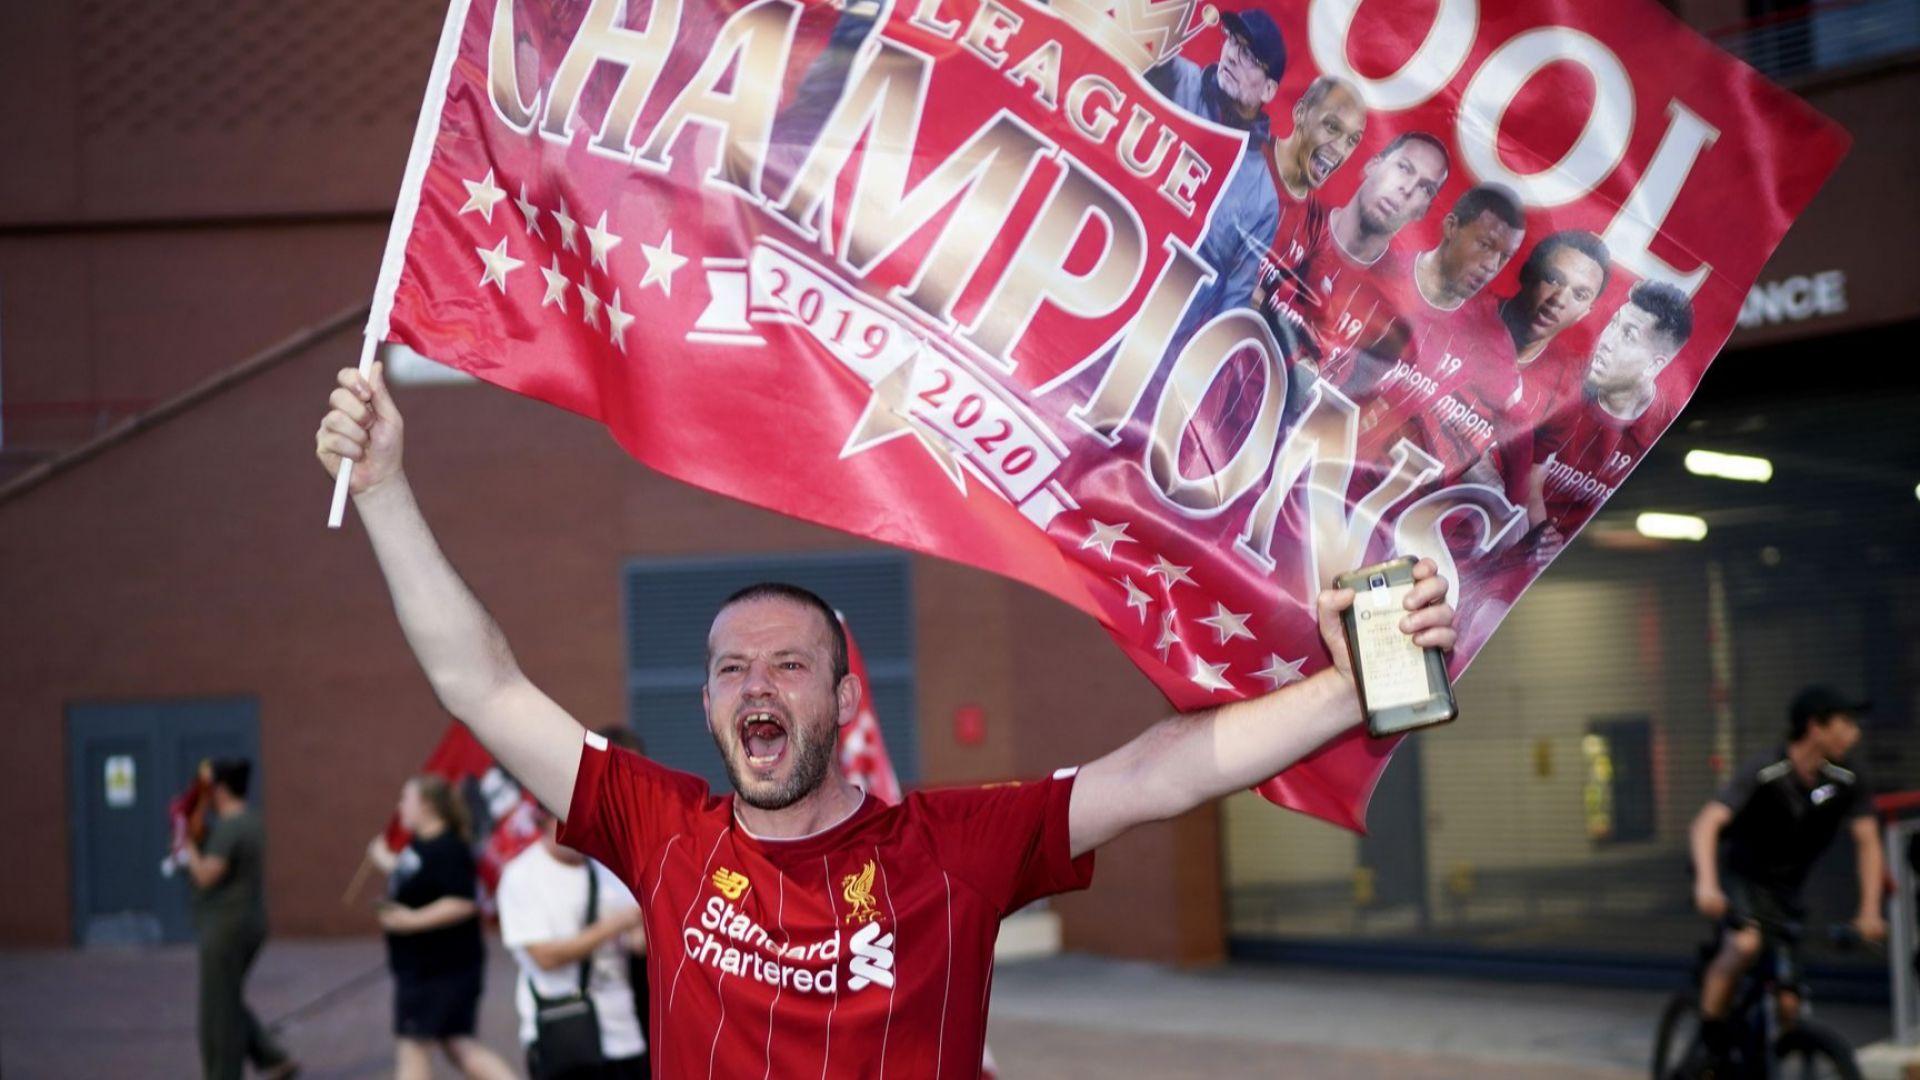 Футбол по телевизията (съдбоносни мачове и коронясването на Ливърпул)